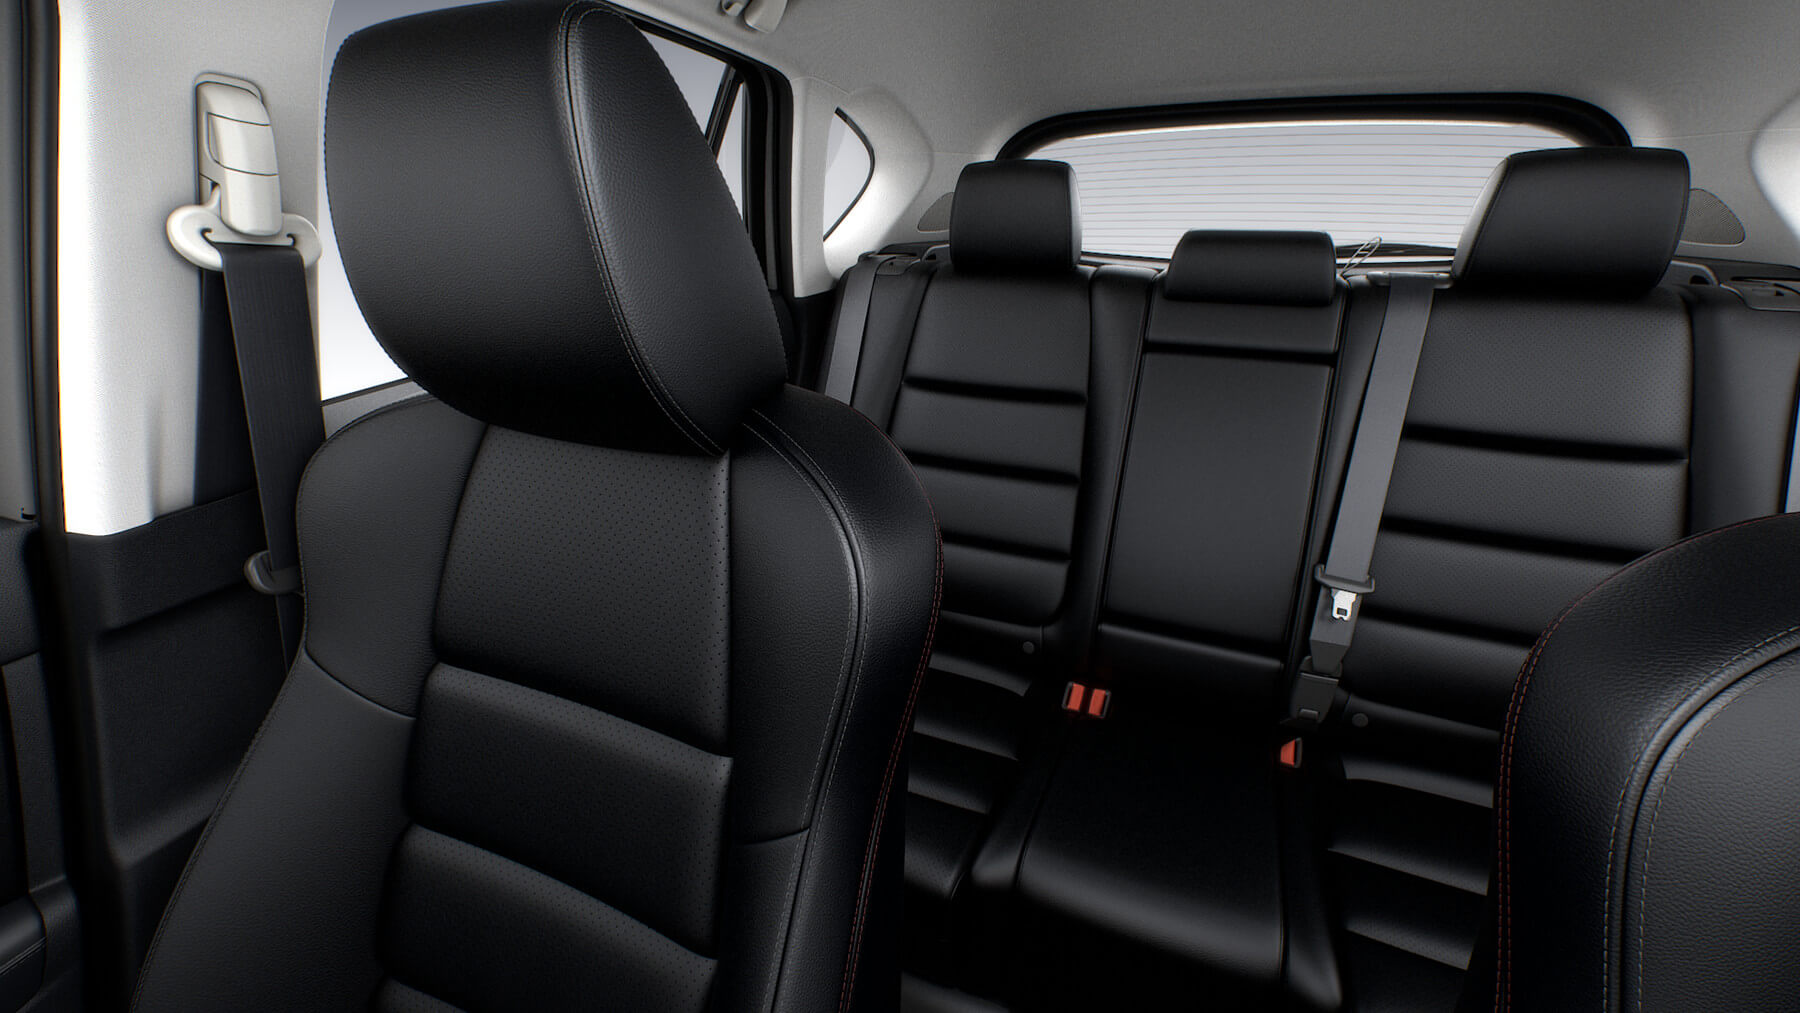 2016 Mazda CX-5 Crossover - View Pictures & Videos | Mazda USA